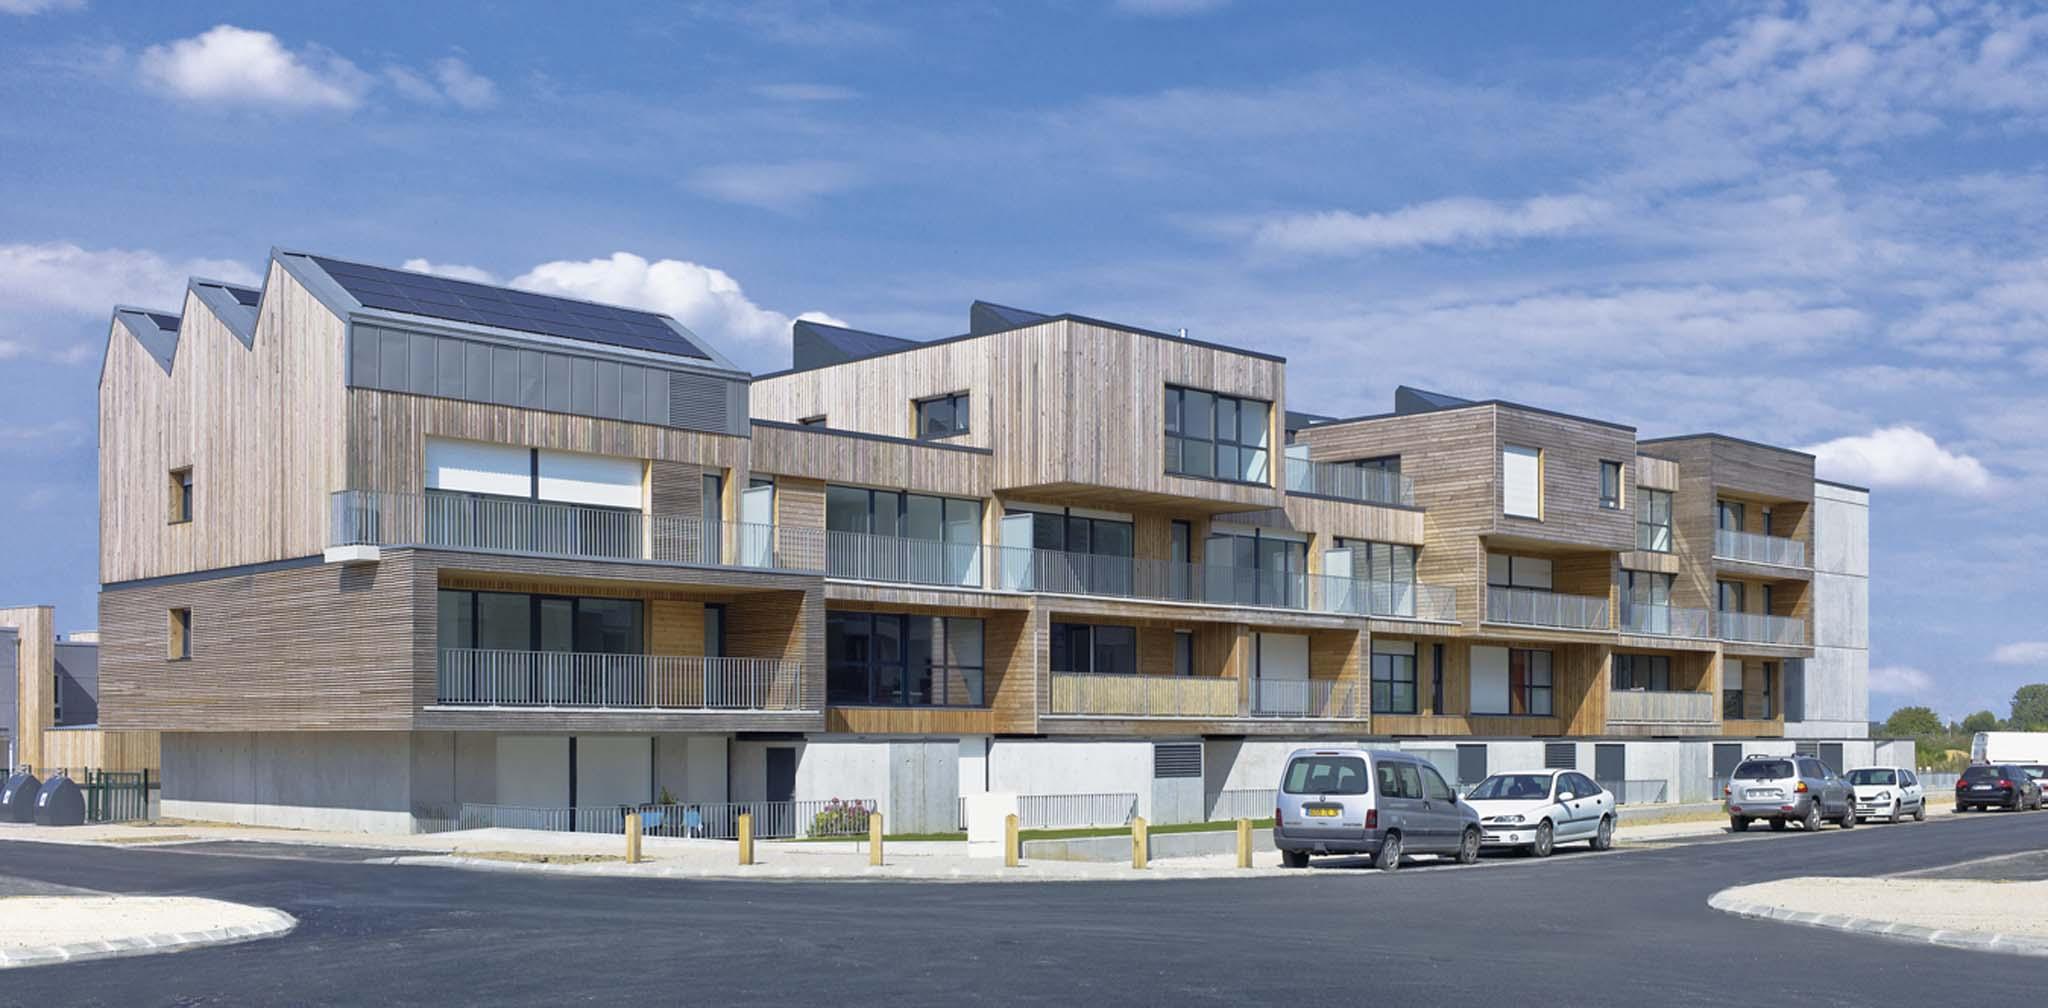 Cba architecture 43 logements interm diaires for Agence logement